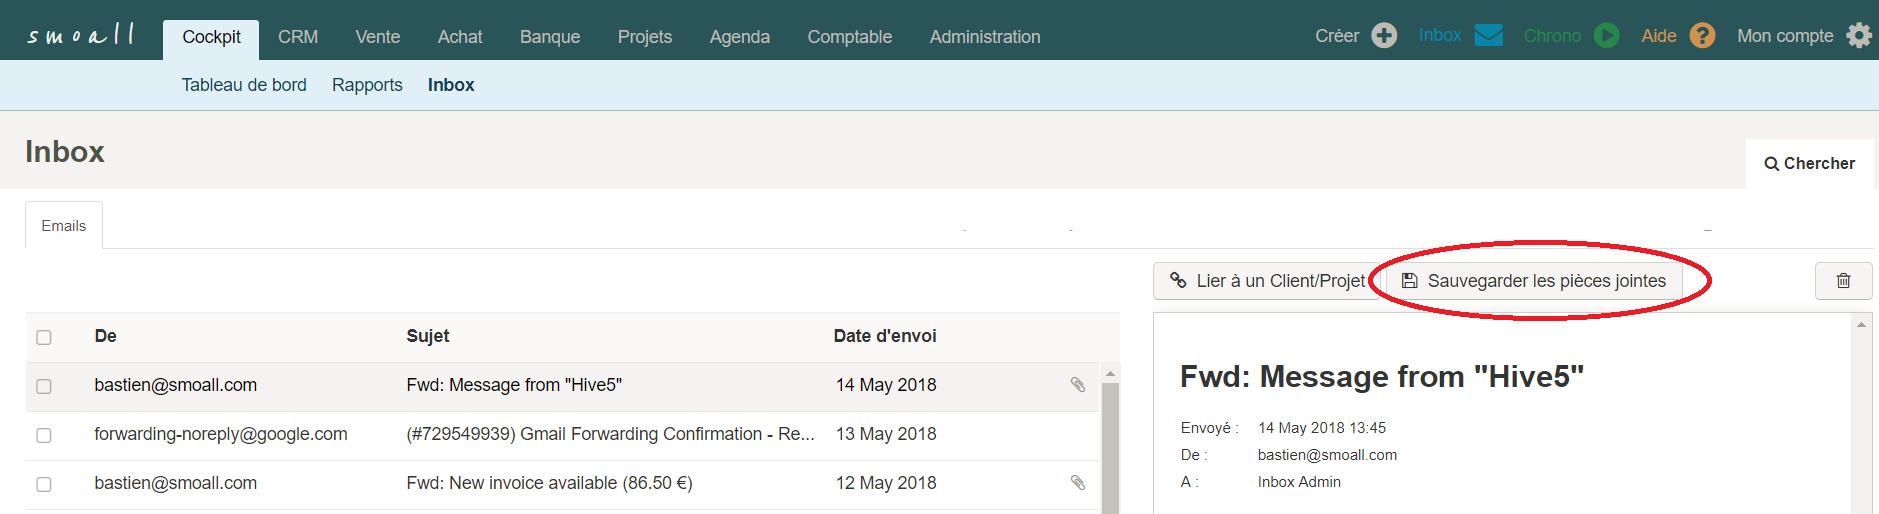 Smoall - Inbox - consultation message et création de facture d'achat